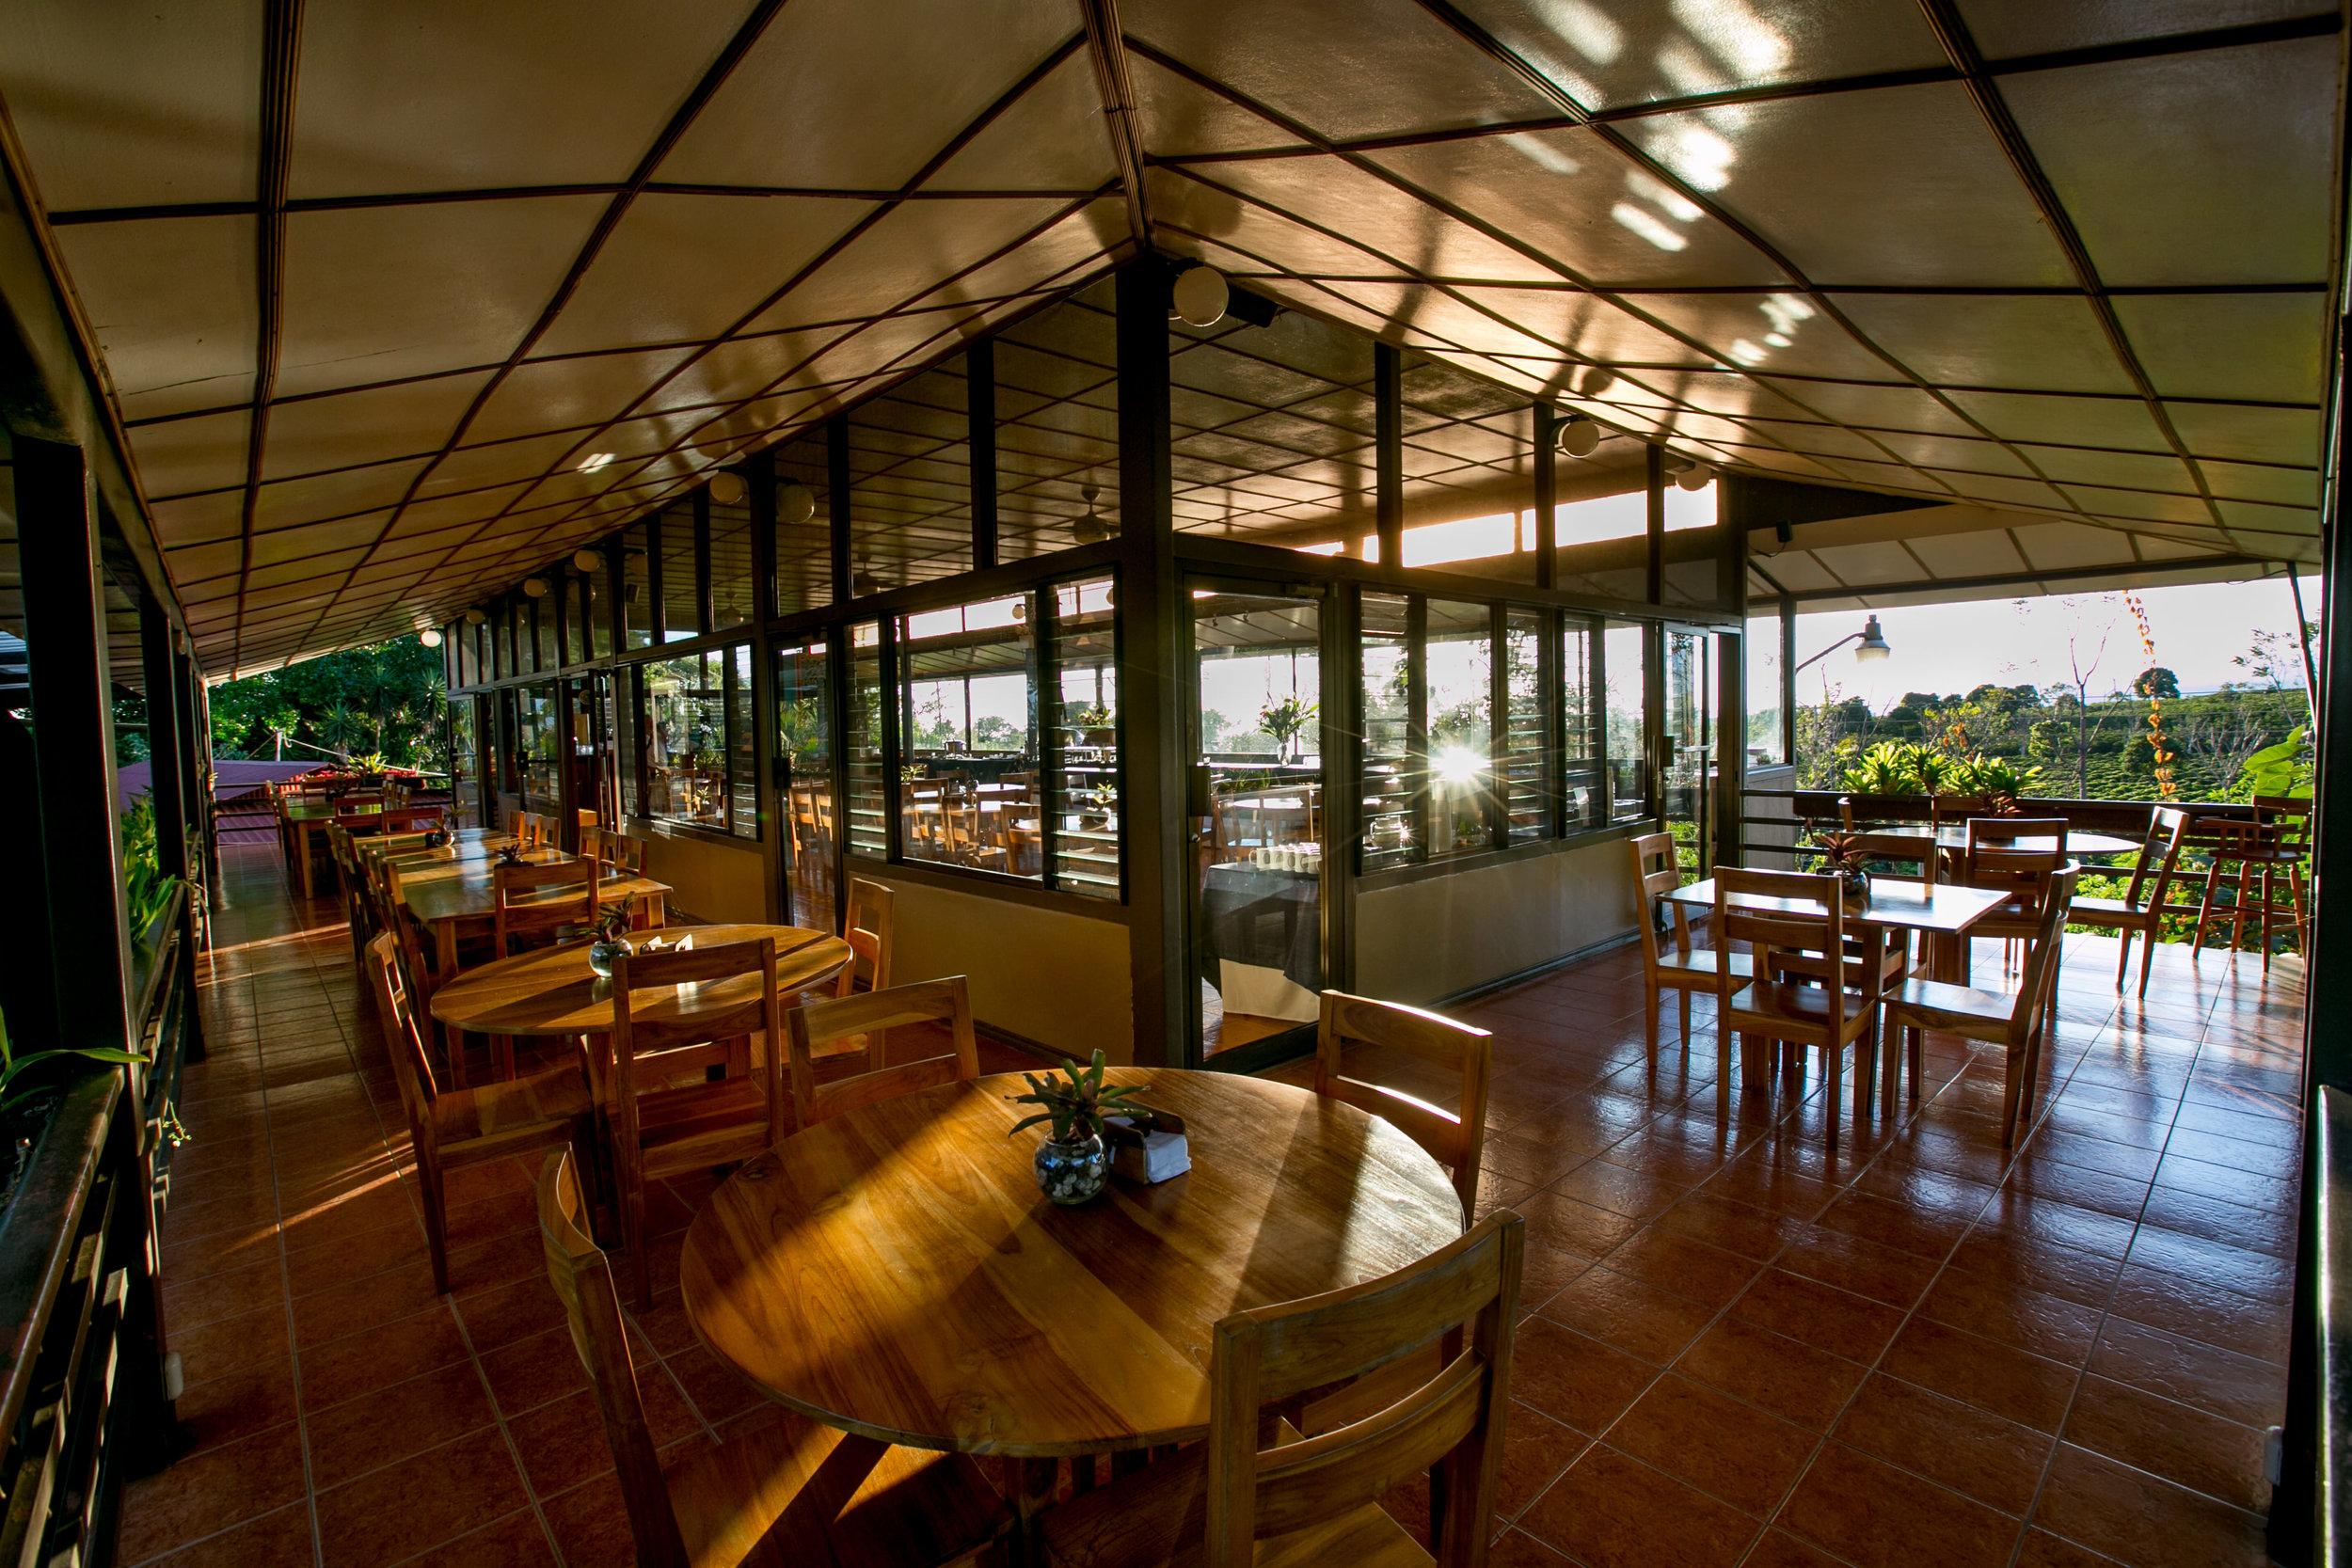 0015_Dining Hall Patio.jpg